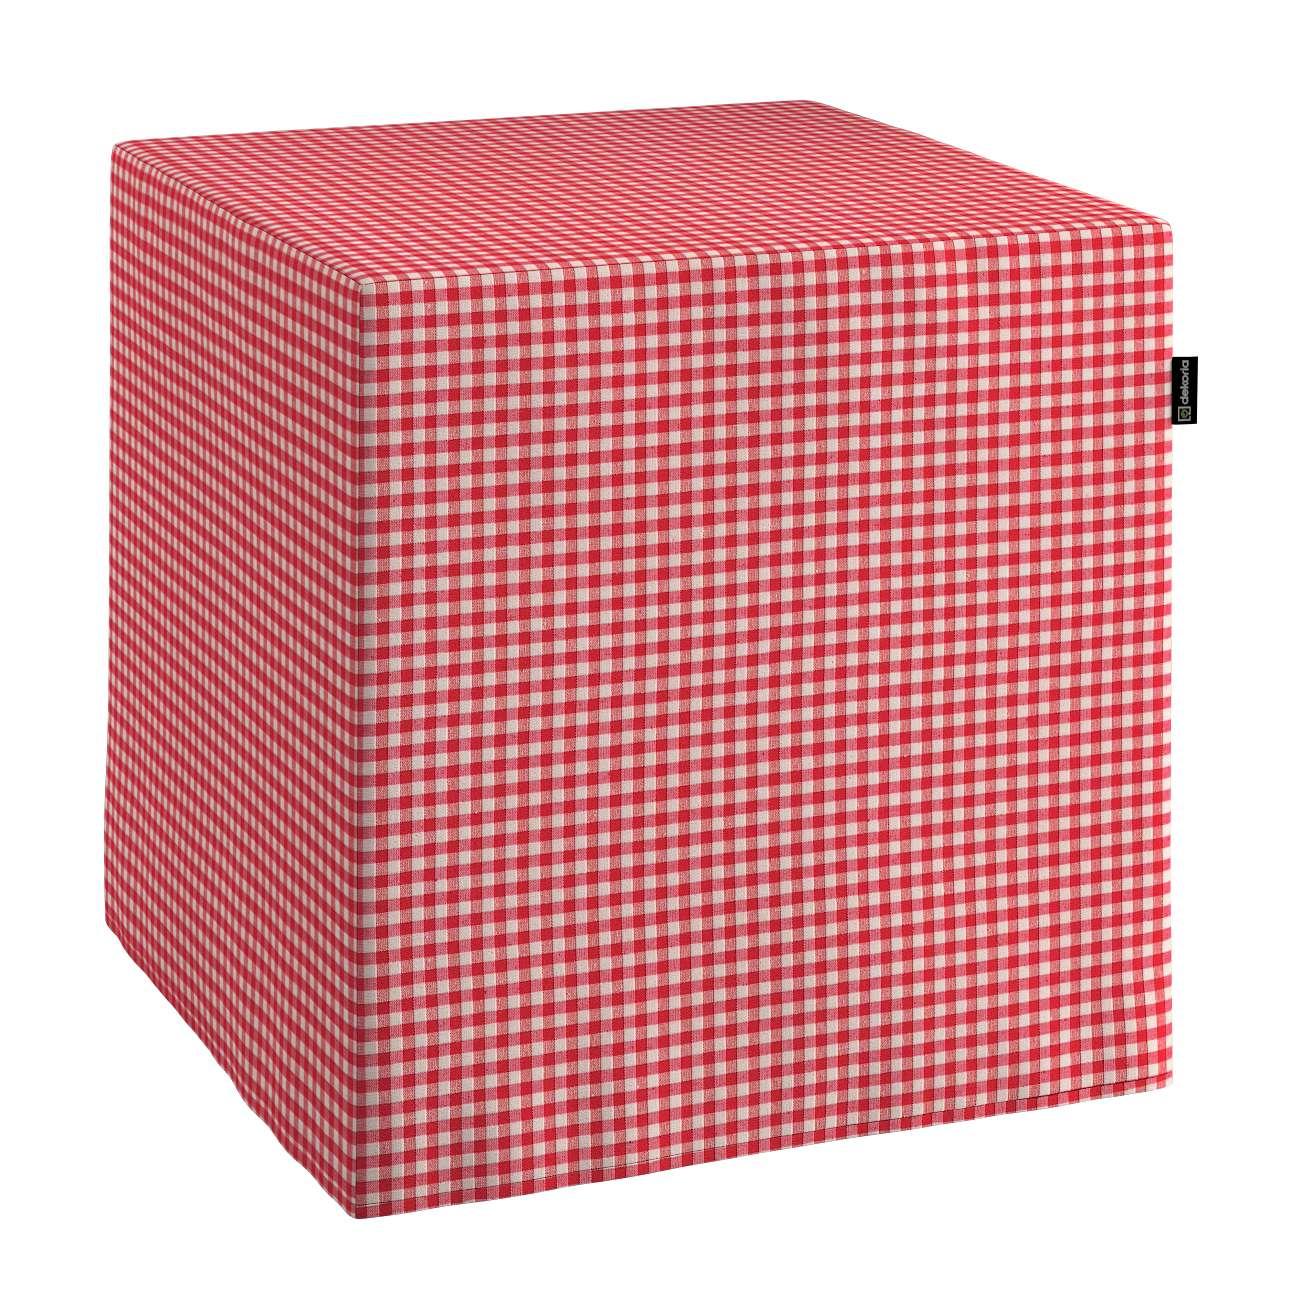 Pufa kostka w kolekcji Quadro, tkanina: 136-15